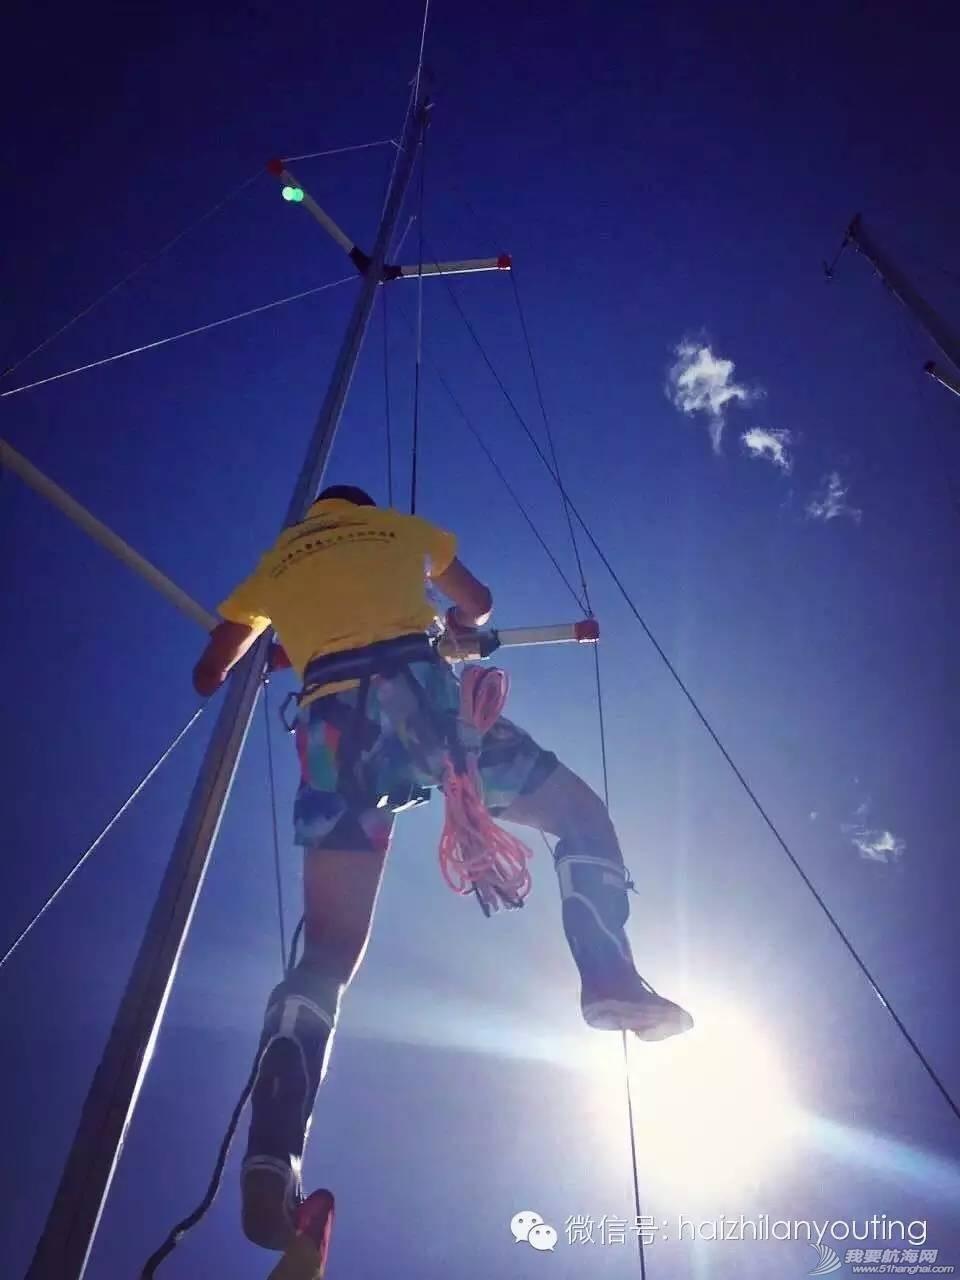 大西洋,中国海,朋友,决战 京坤在MINI TRANSAT | Mini transat第二赛段起航,决战大西洋 0e527a92a36595216461f3155dcf1bd9.jpg